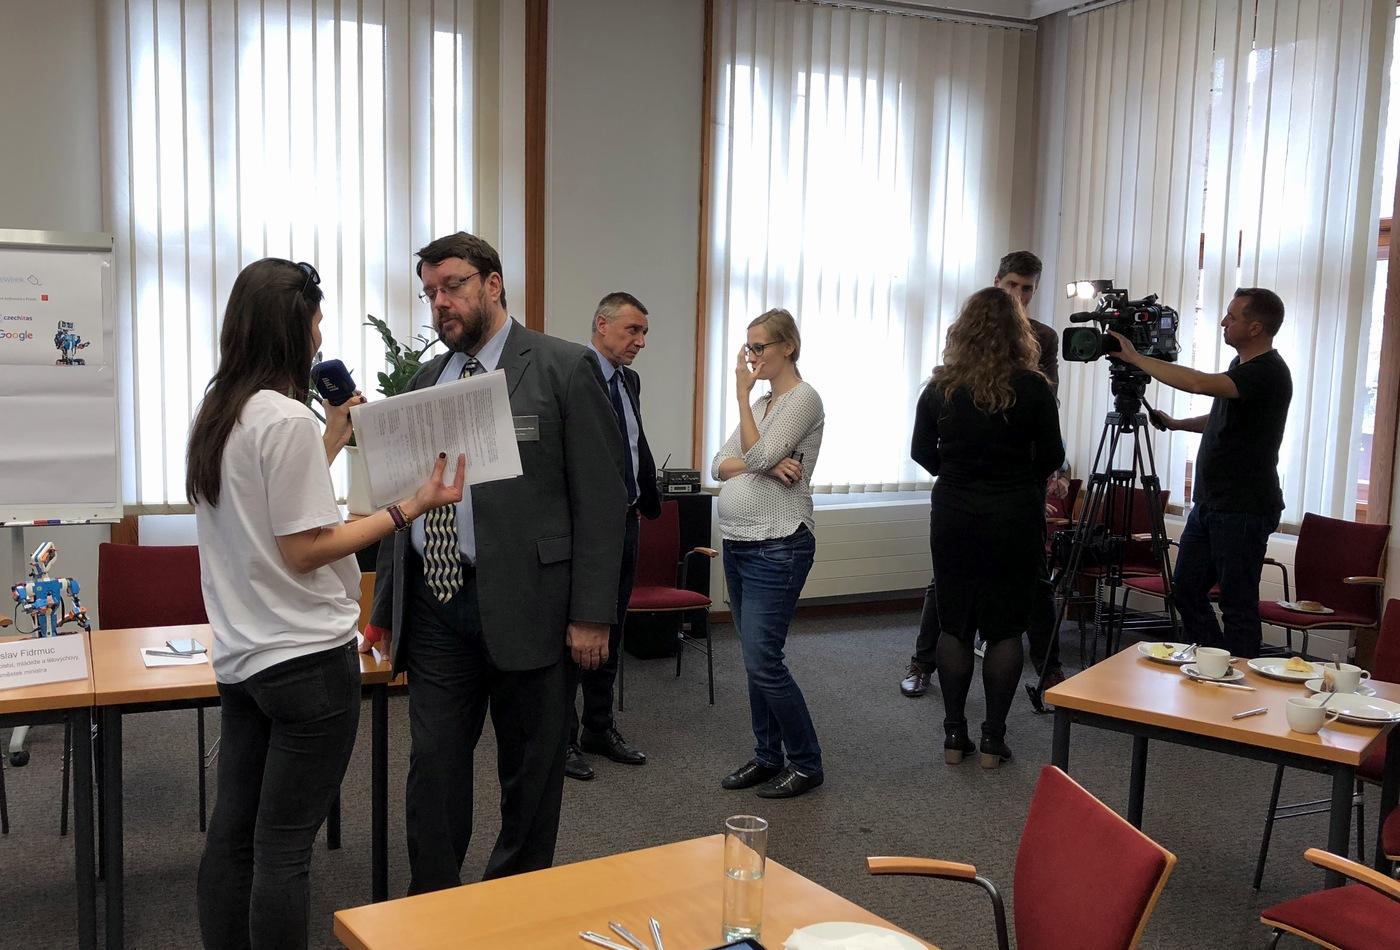 Po skončení tiskové konference přišly na řadu rozhovory s jednotlivými médii